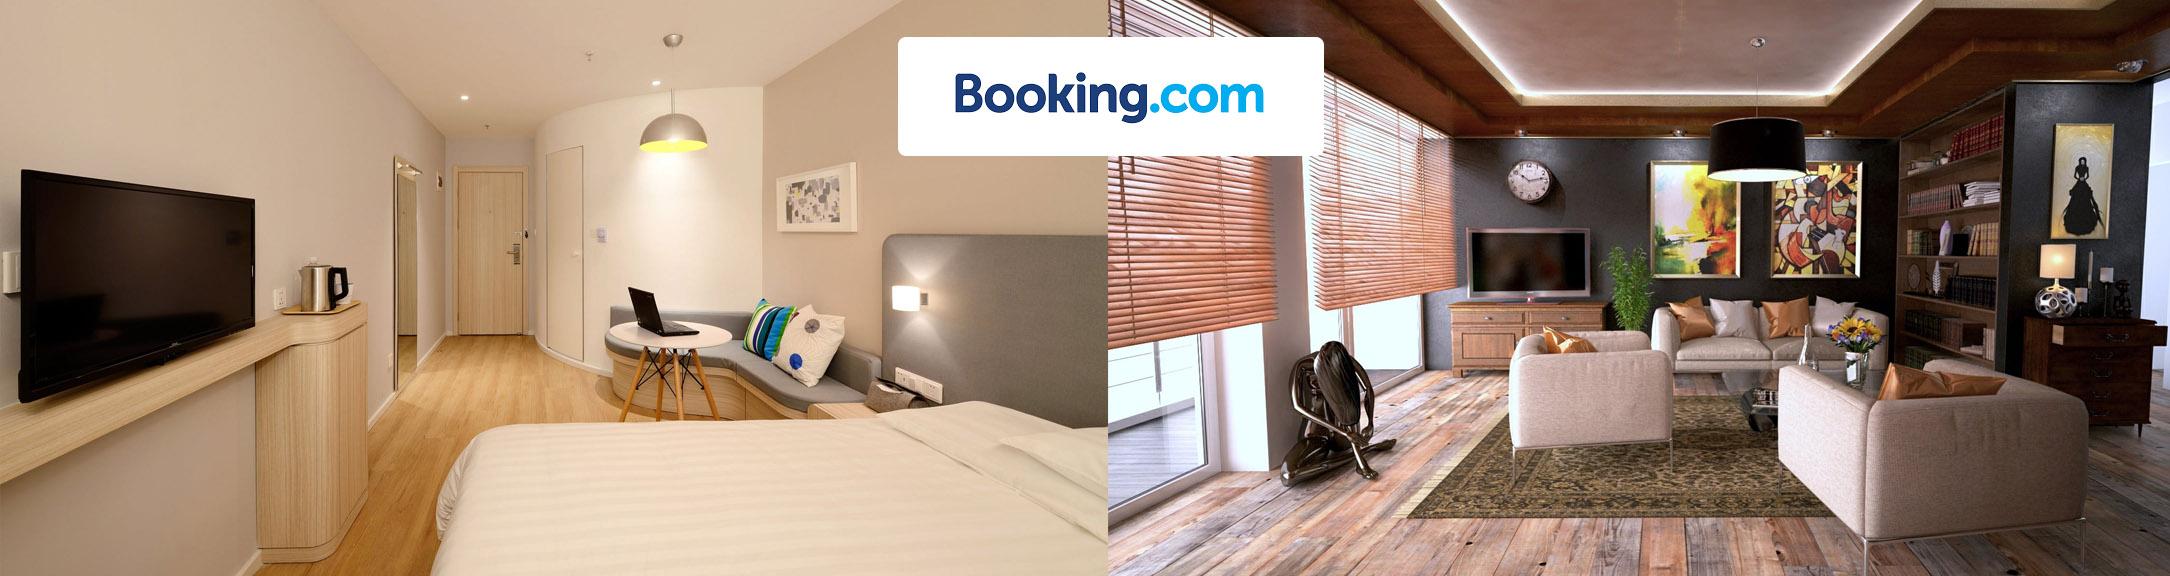 wizytówka booking